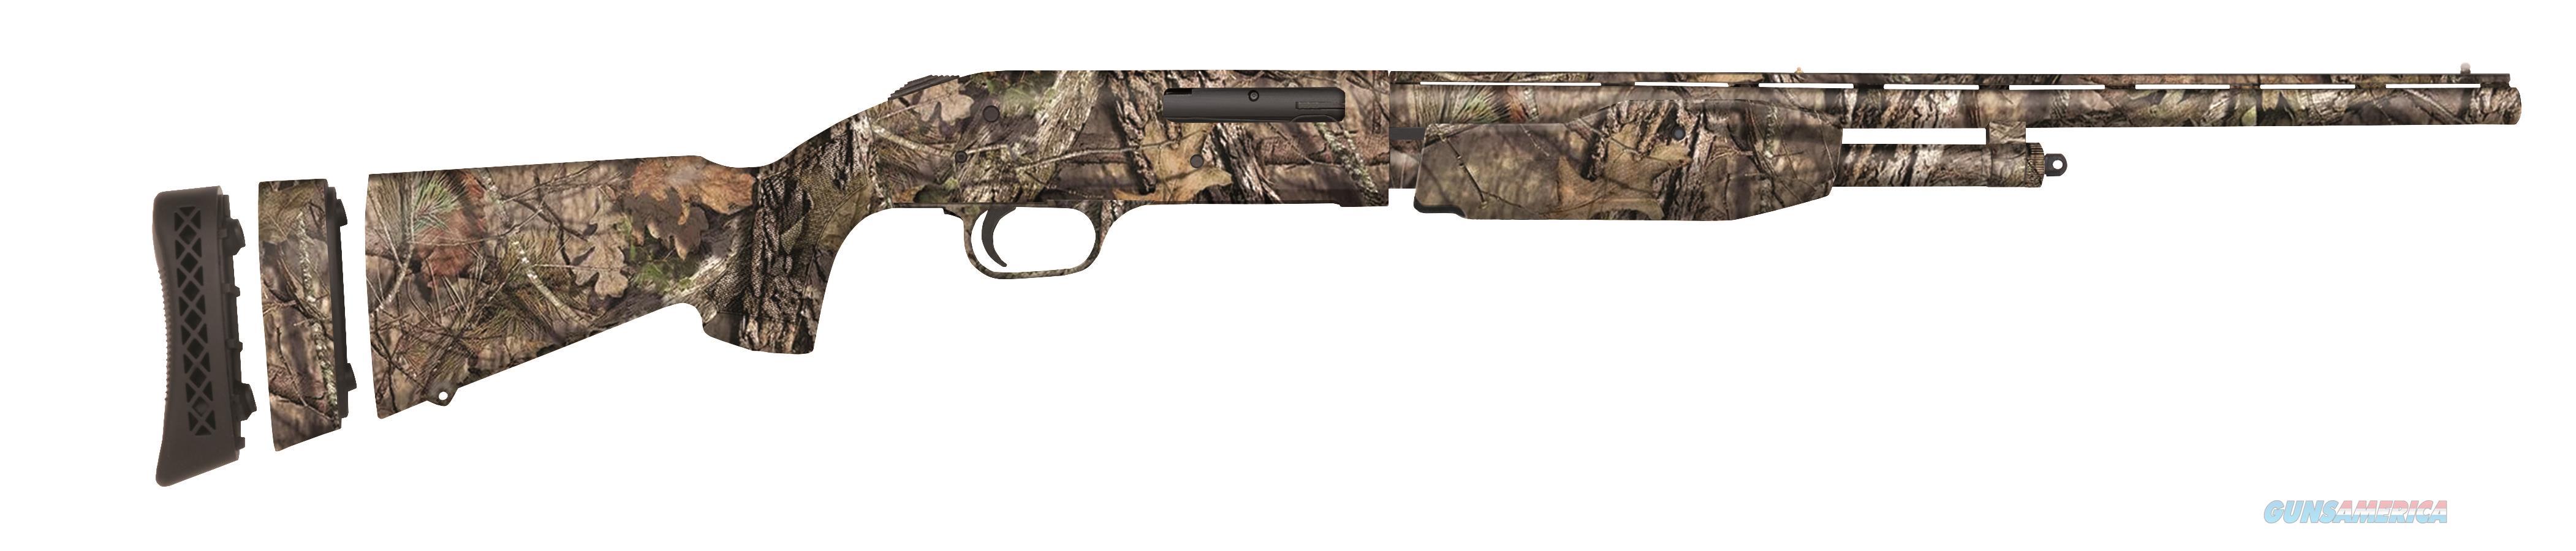 Mossberg 510 Youth Mini Super Bantam .410 Bore MOBUC 50355   Guns > Shotguns > Mossberg Shotguns > Pump > Sporting